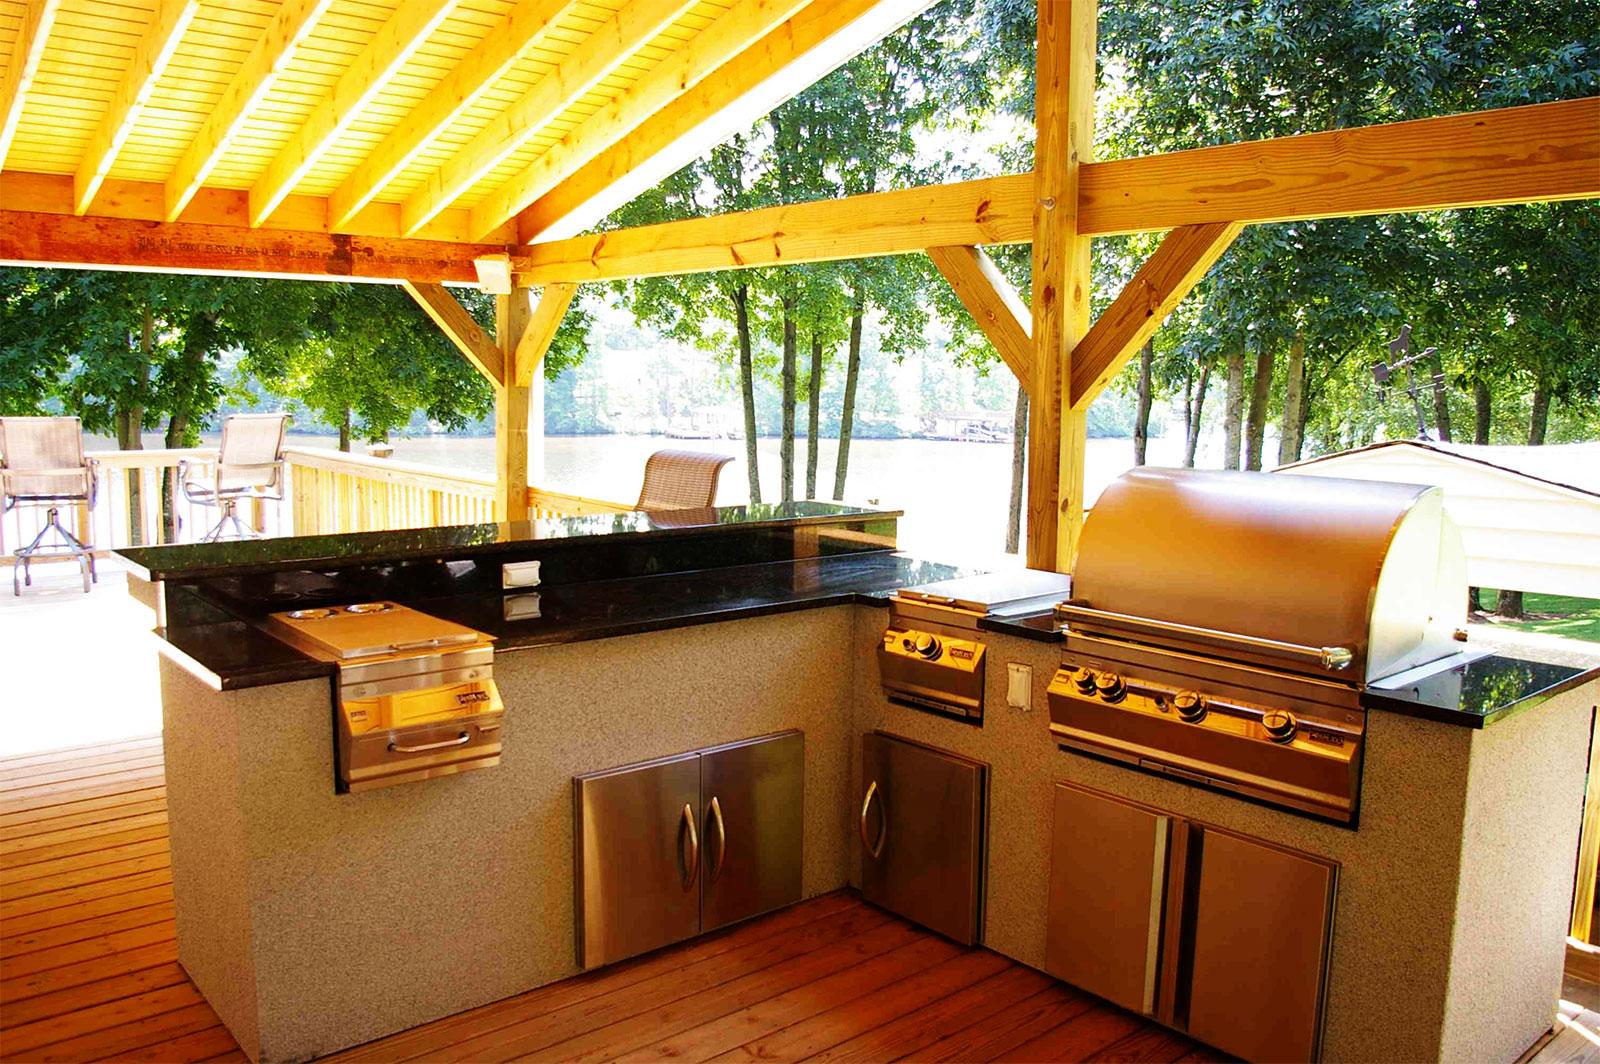 cheap outdoor kitchen design ideas furniture ideas deltaangelgroup kitchen cabinet design ideas kitchen easy cheap kitchen